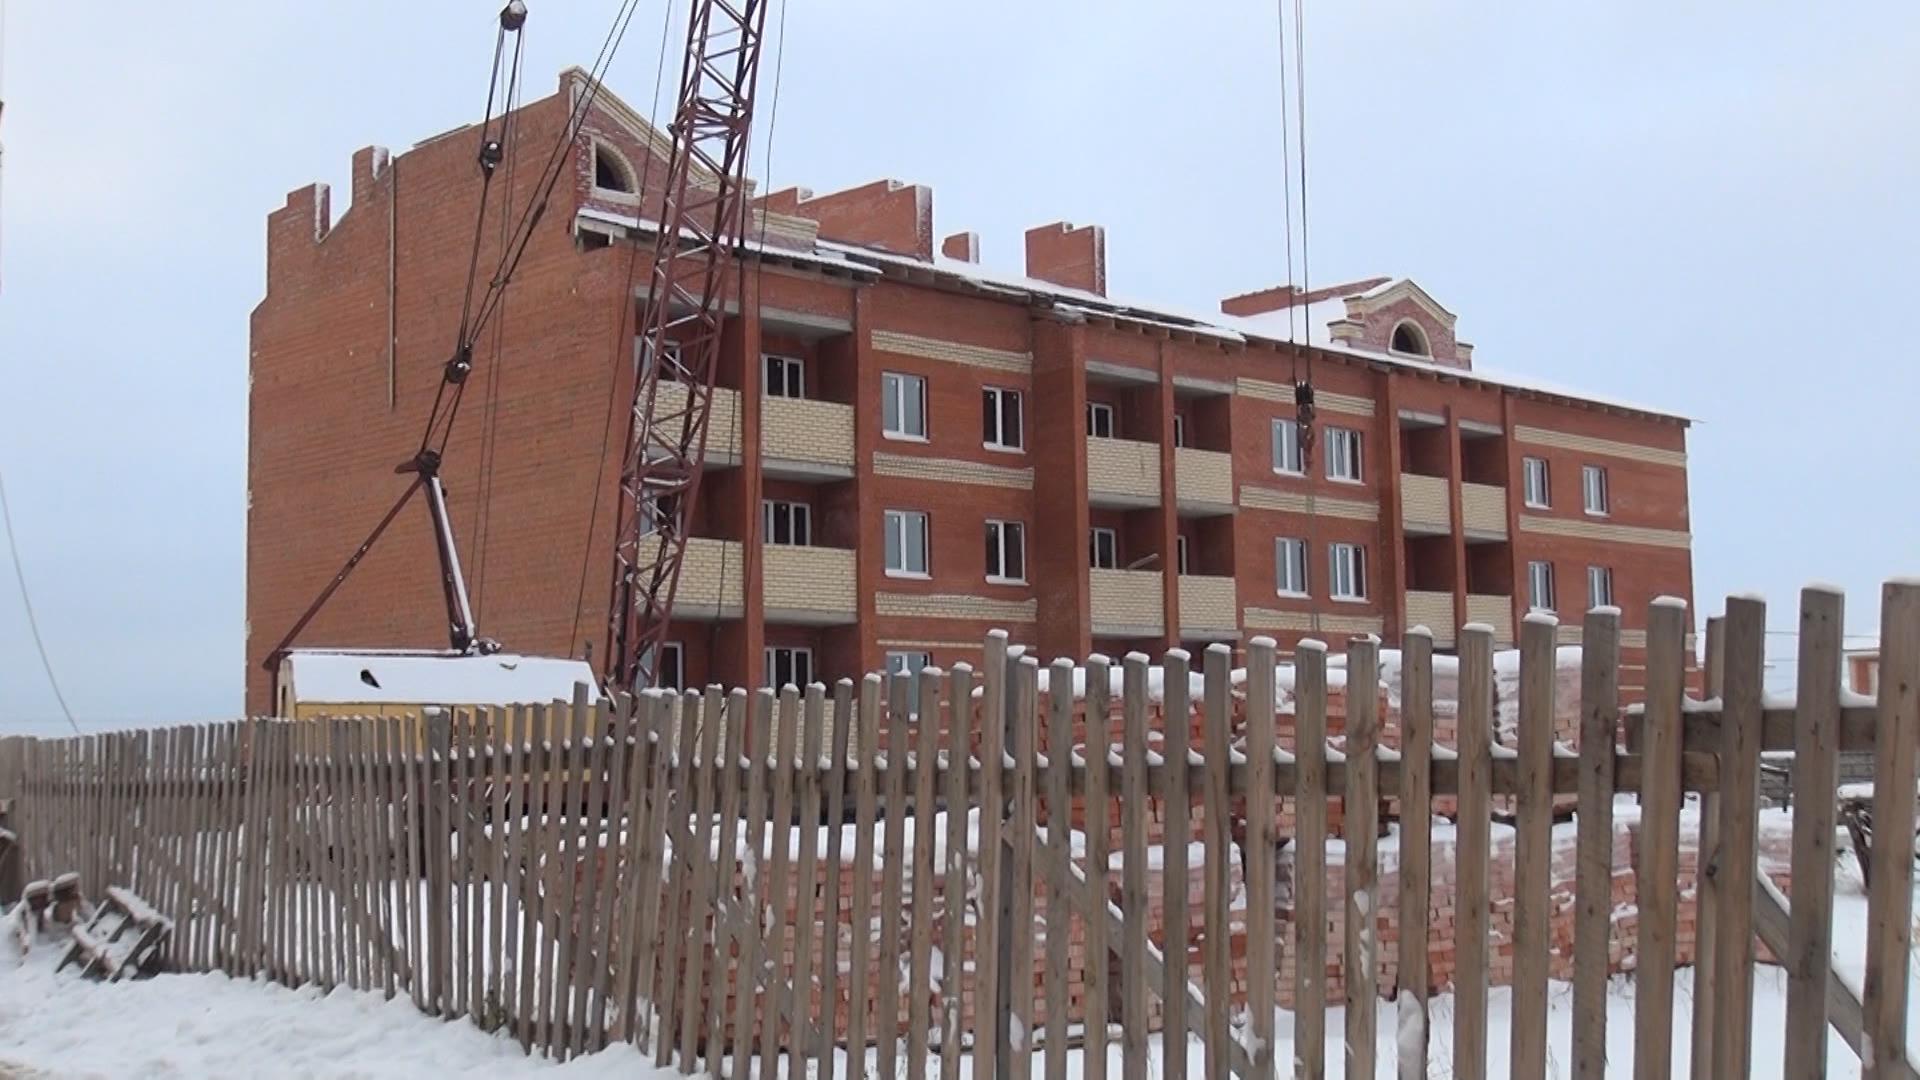 В Вологодском районе застройщик «Теплодом» обманул своих дольщиков на 85 млн рублей